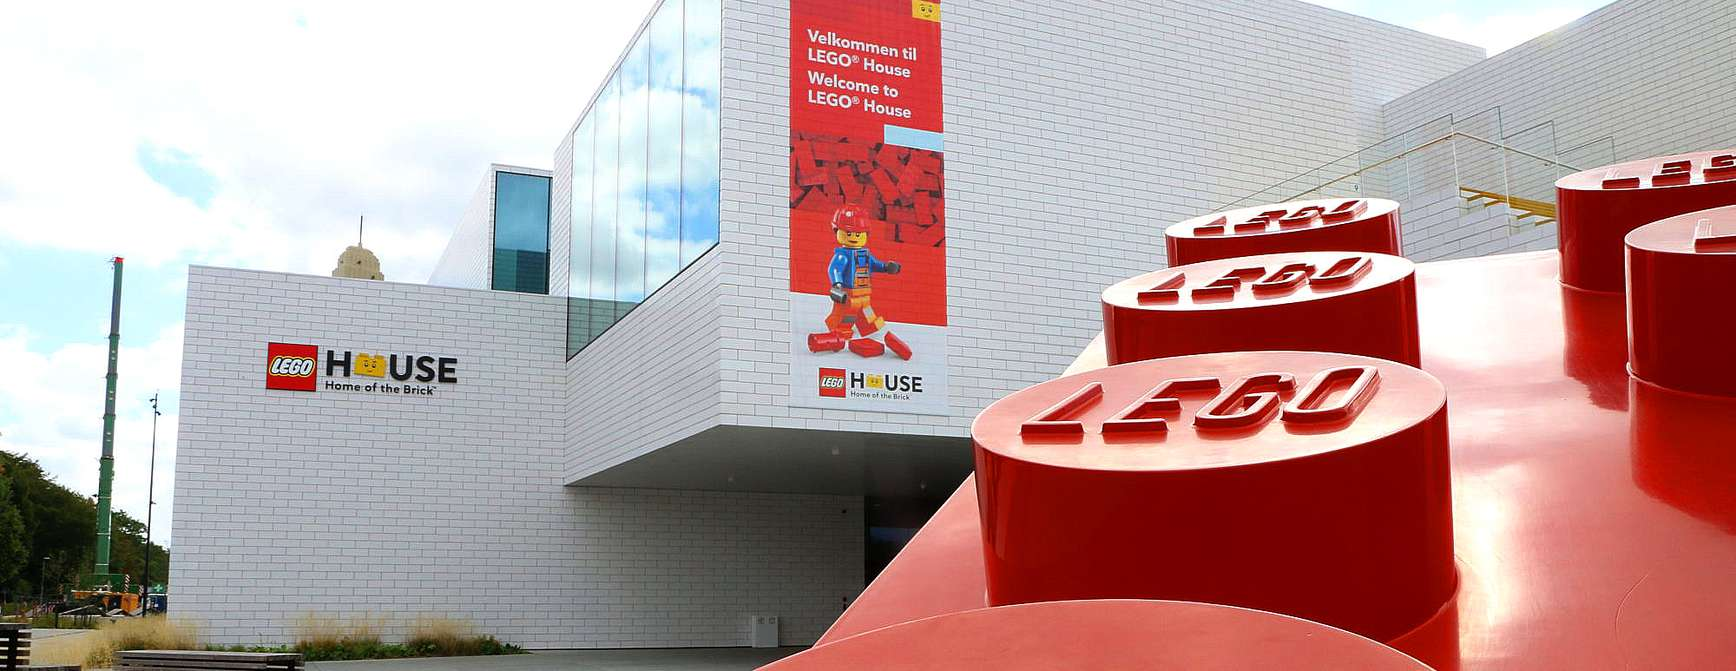 Stort bygg med store Lego-klosser utenfor.